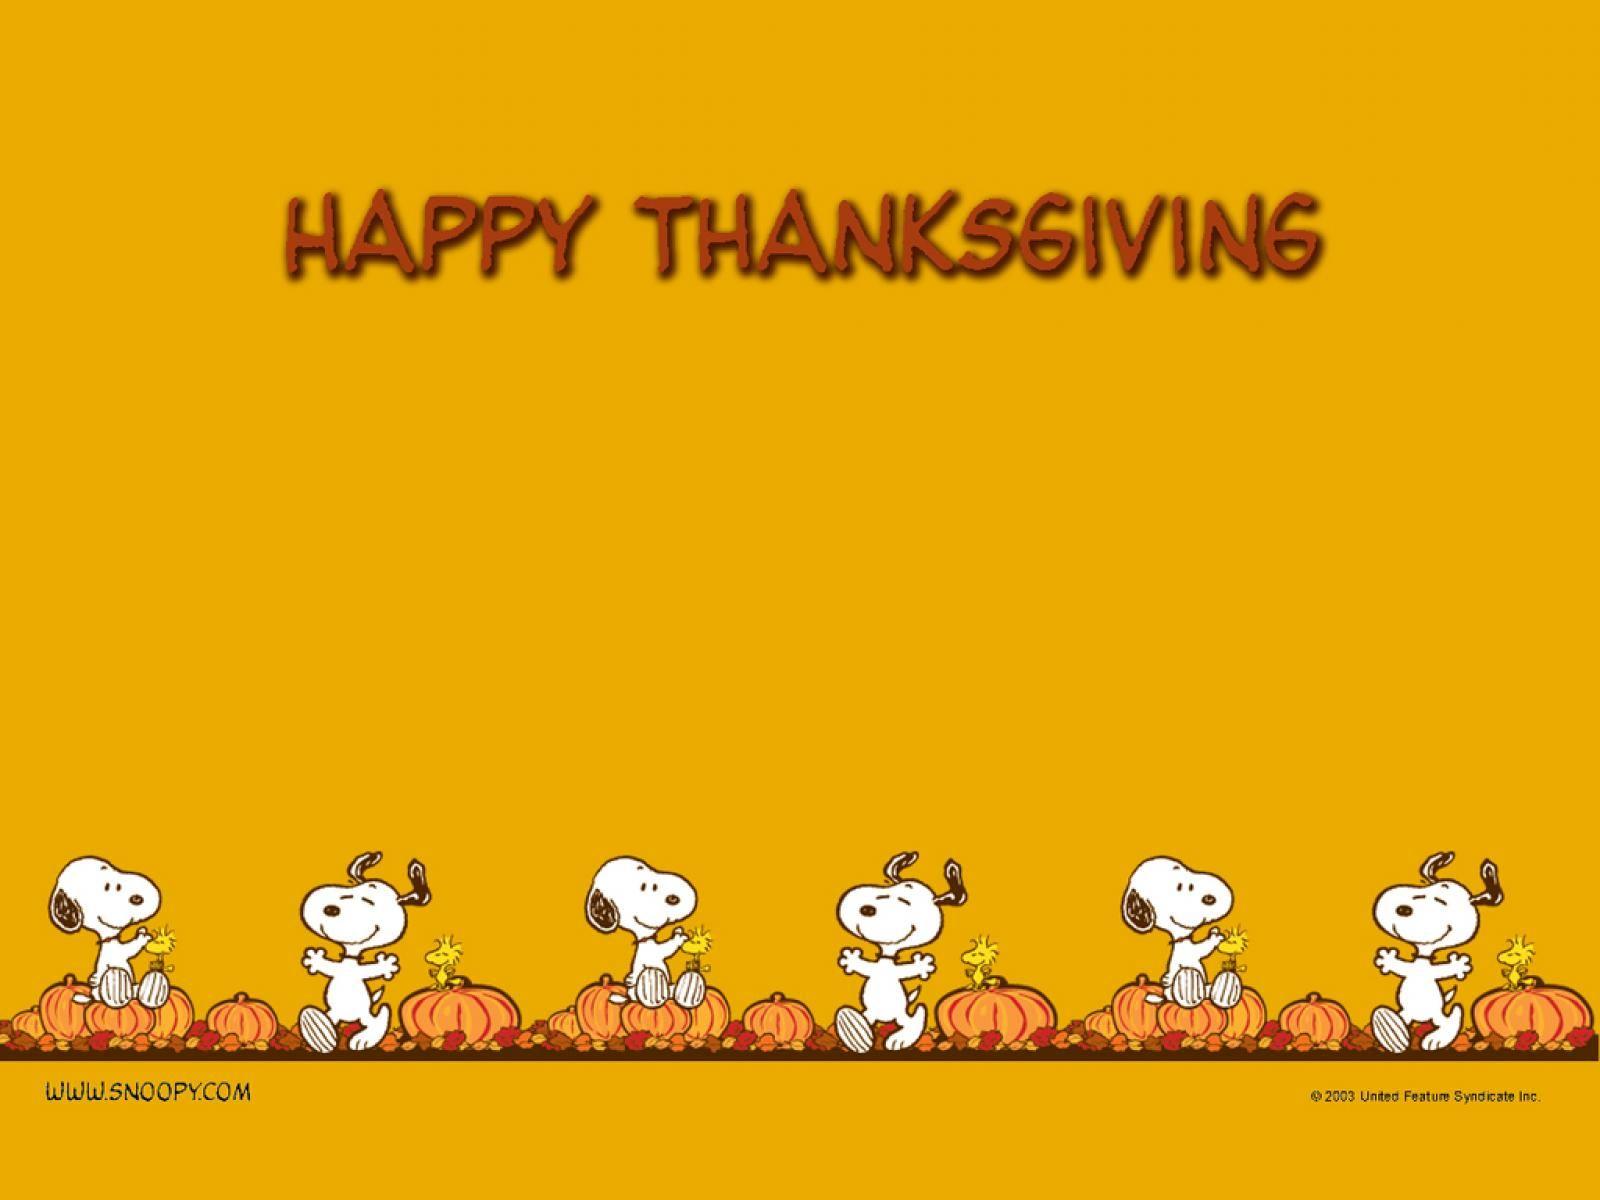 Free animated thanksgiving desktop wallpaper hd - Thanksgiving moving wallpaper ...